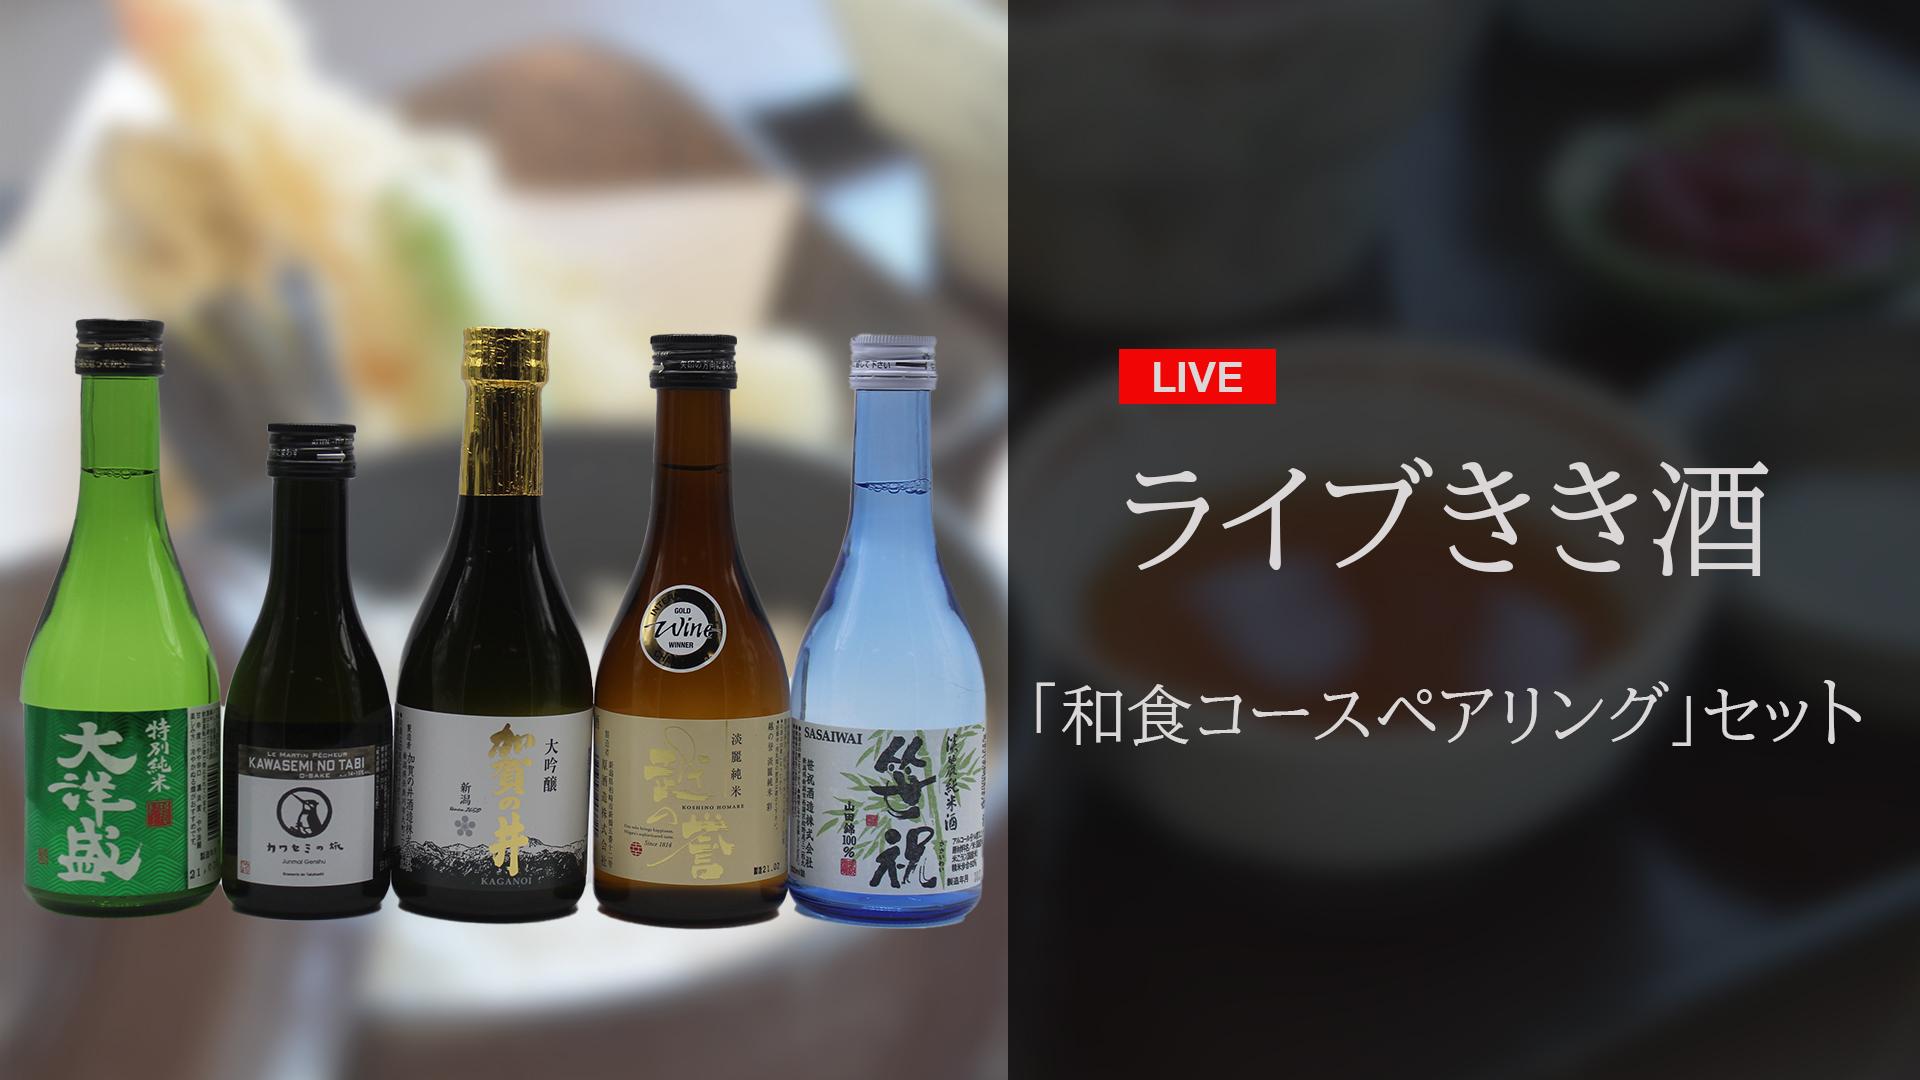 ライブきき酒「和食コースペアリング」セット サムネイル